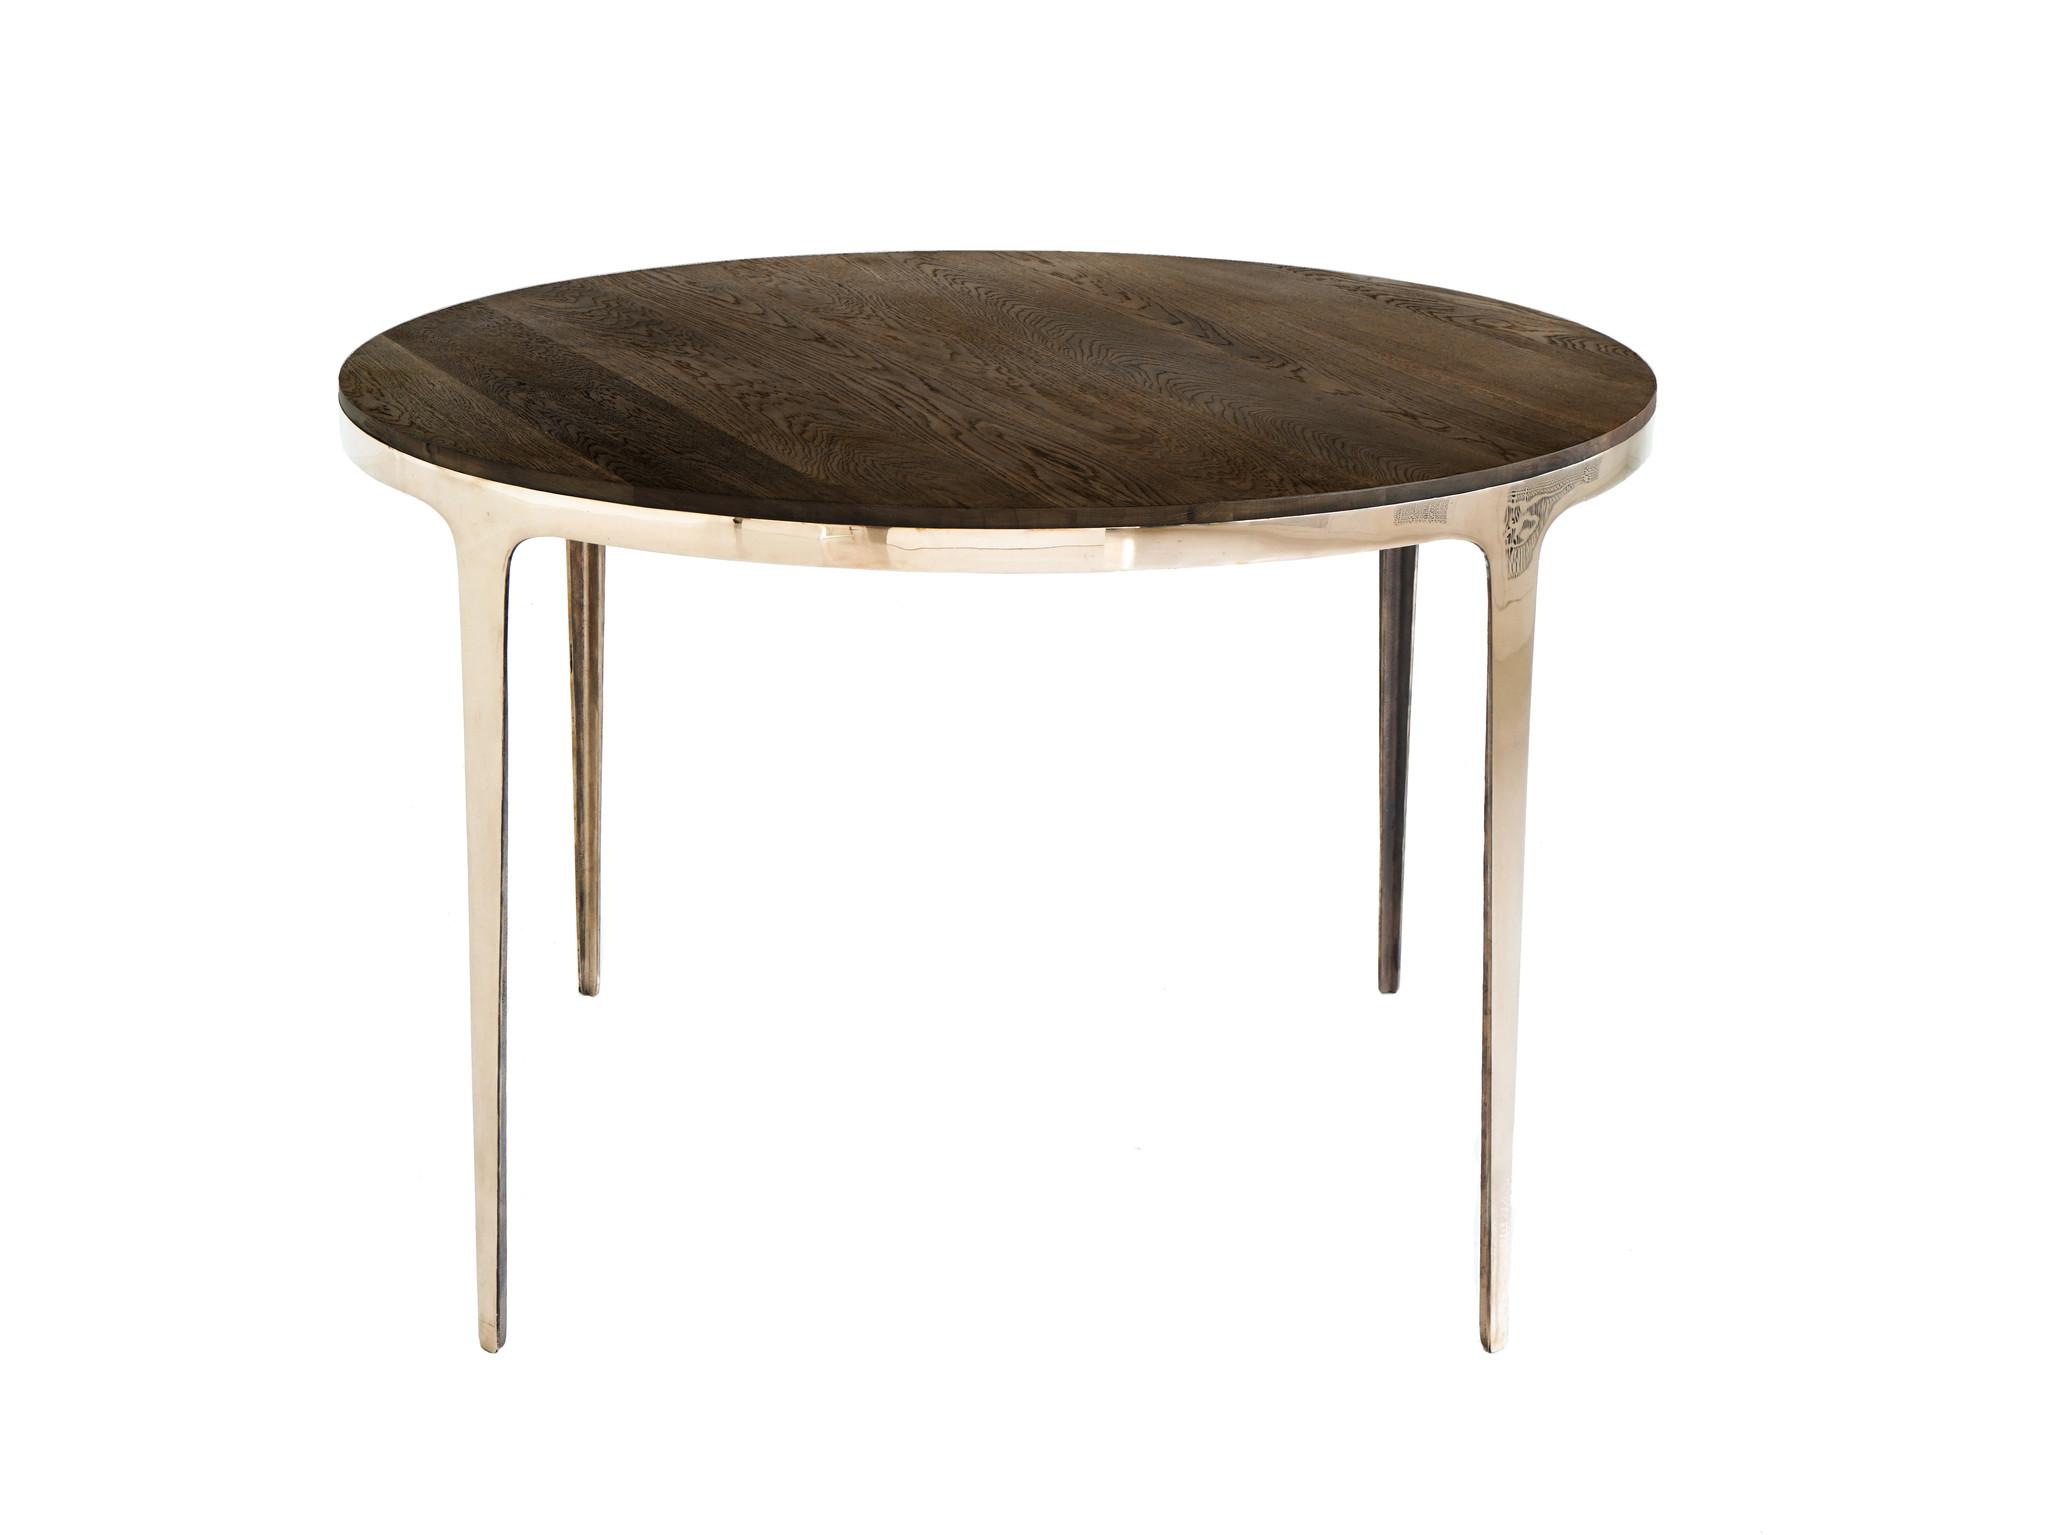 Стол круглый ring table без покрытия (glow) коричневый 73.0 см. фото